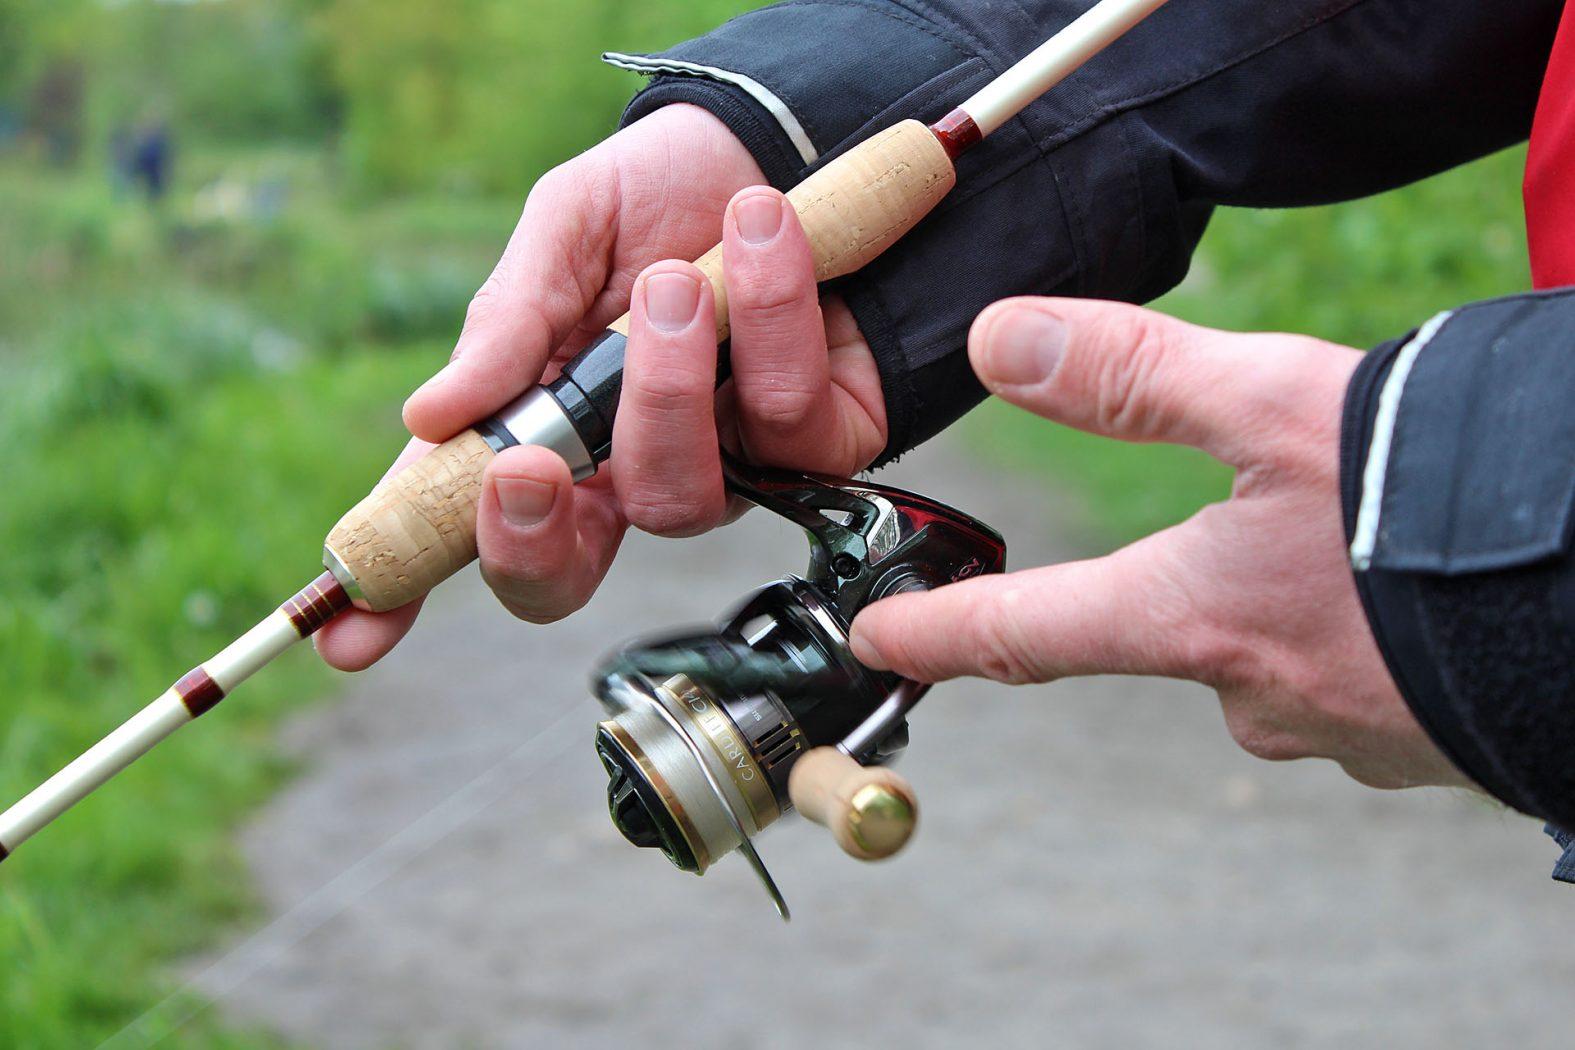 Ultraleicht angeln auf Forelle mit Spoon